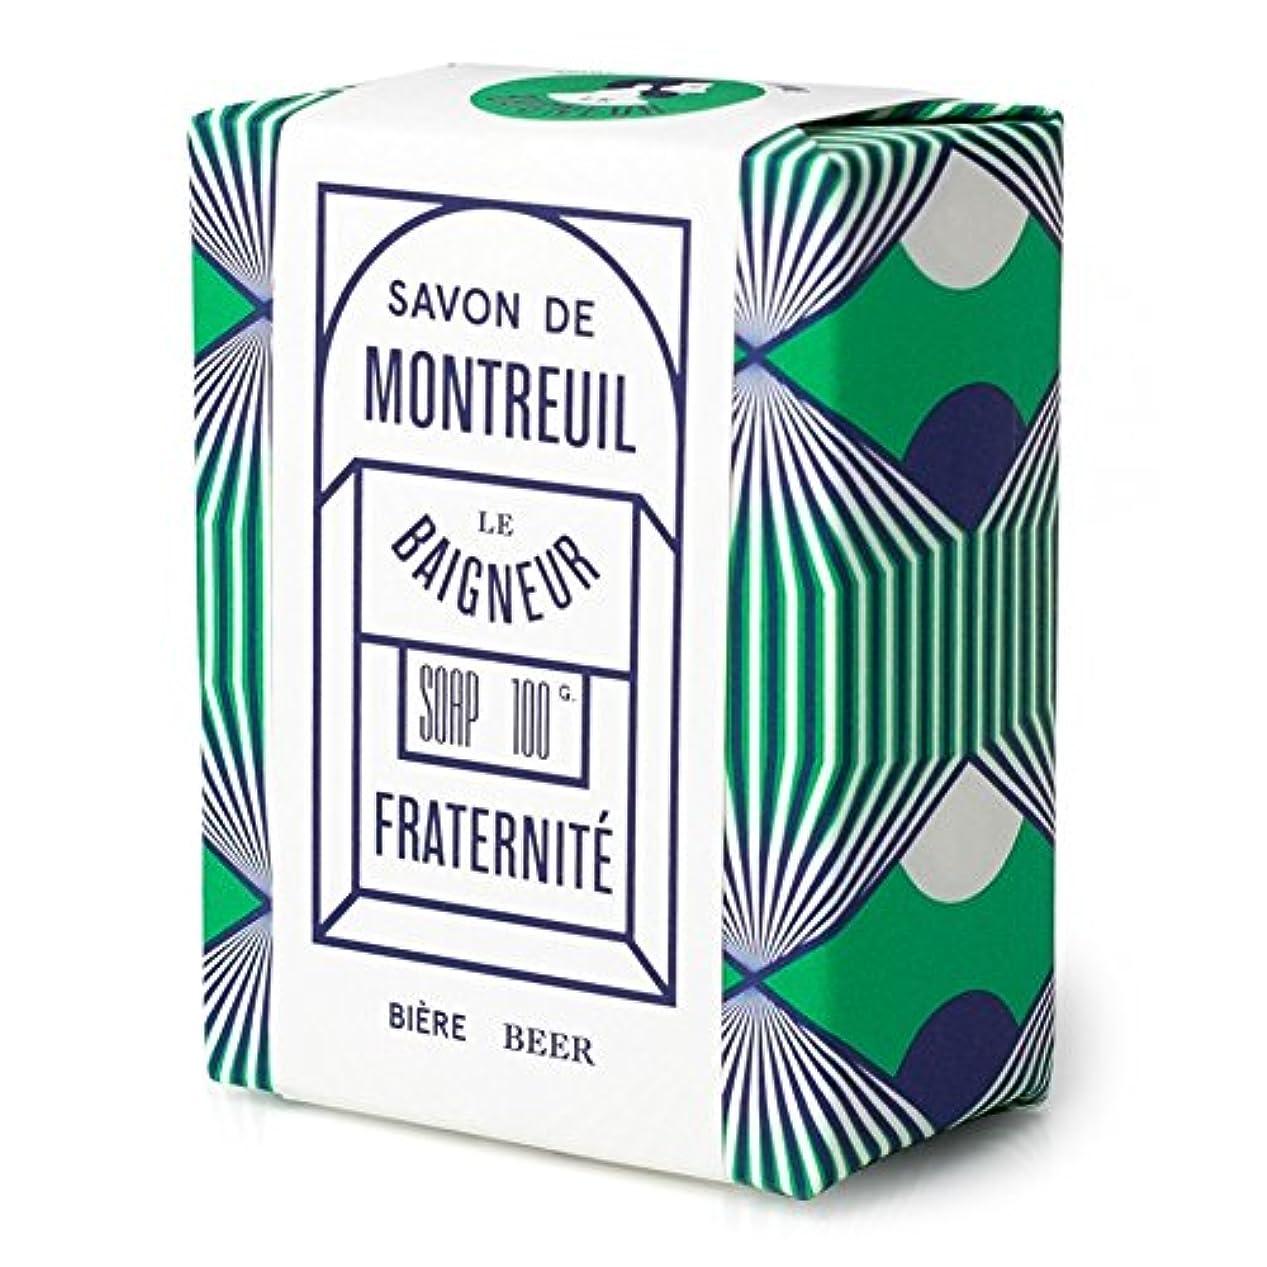 可能にする水銀の領域ル 石鹸100グラム x4 - Le Baigneur Fraternite Soap 100g (Pack of 4) [並行輸入品]